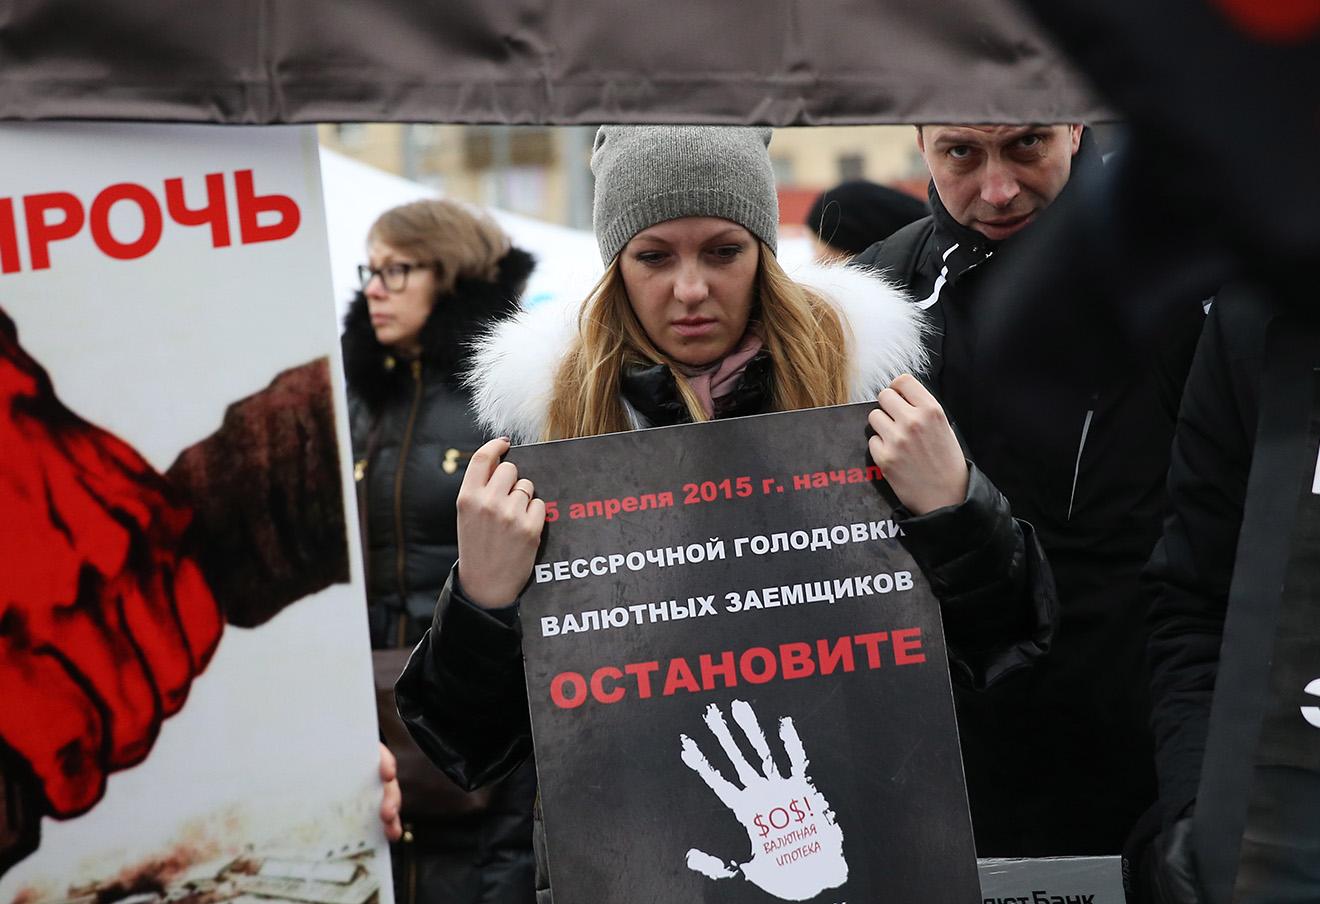 Участники митинга валютных заемщиков у станции метро Улица 1905 года, 9 марта 2016 года.